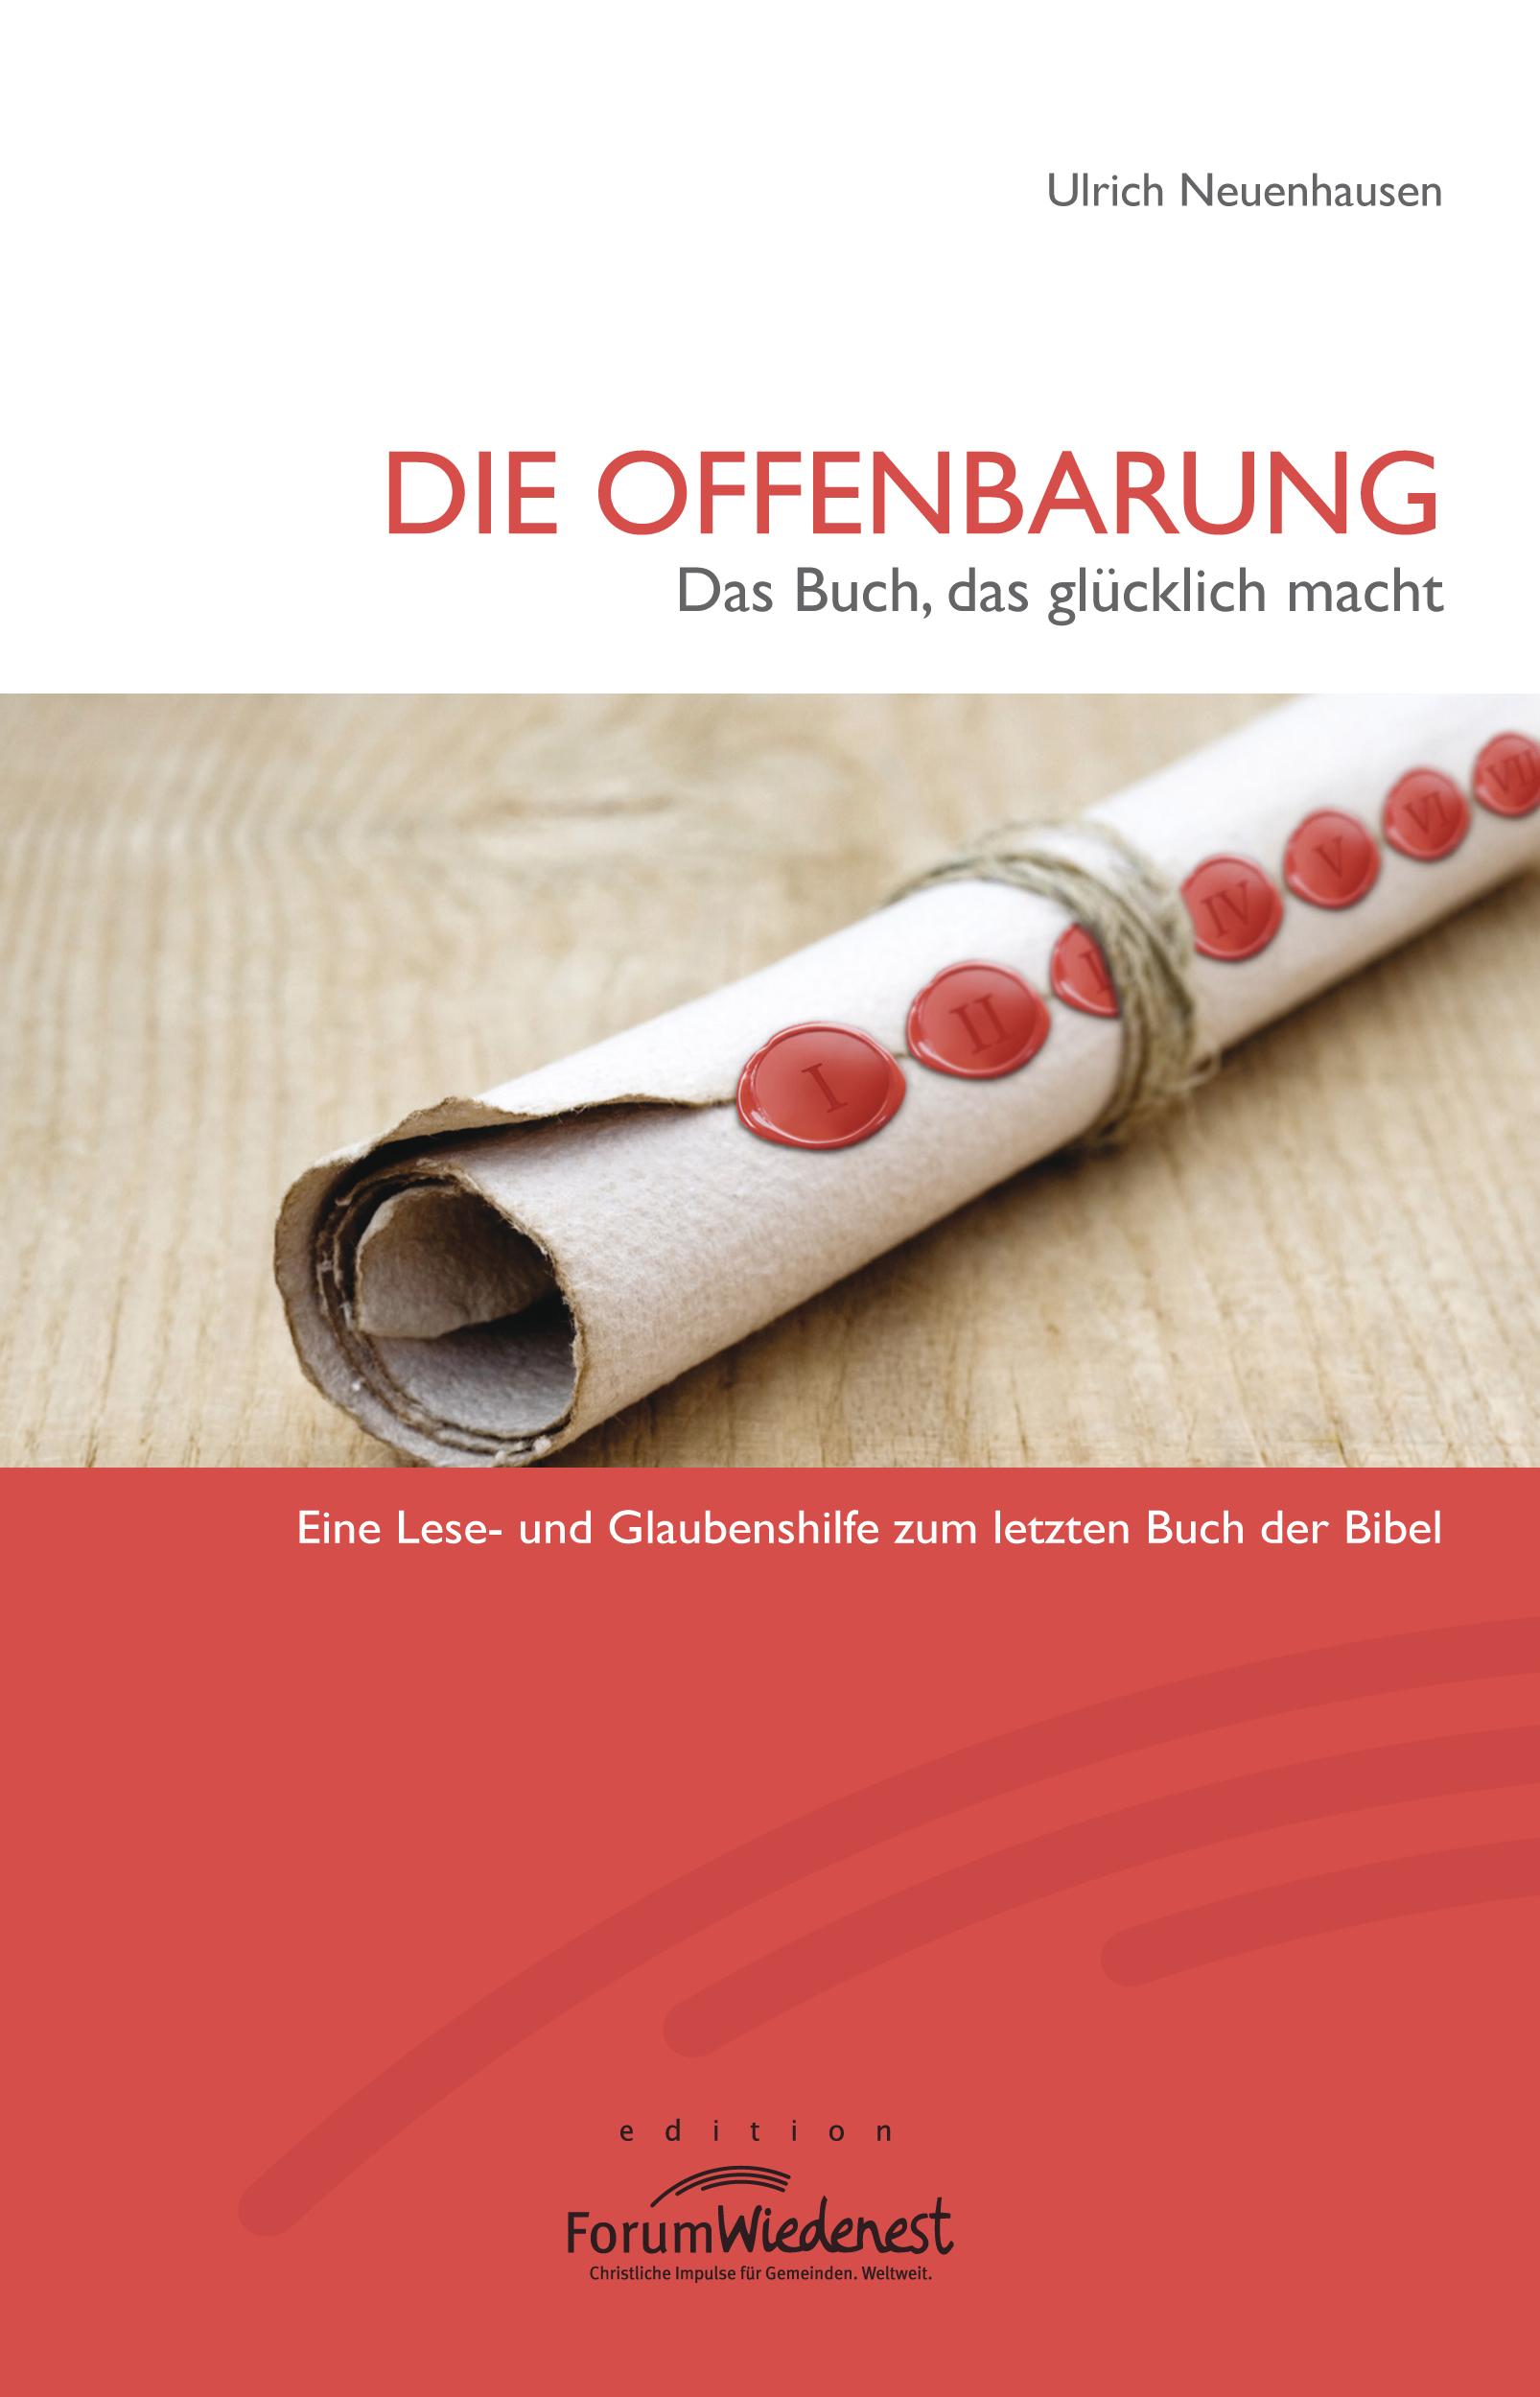 Ulrich Neuenhausen: Die Offenbarung – Das Buch das glücklich macht ...